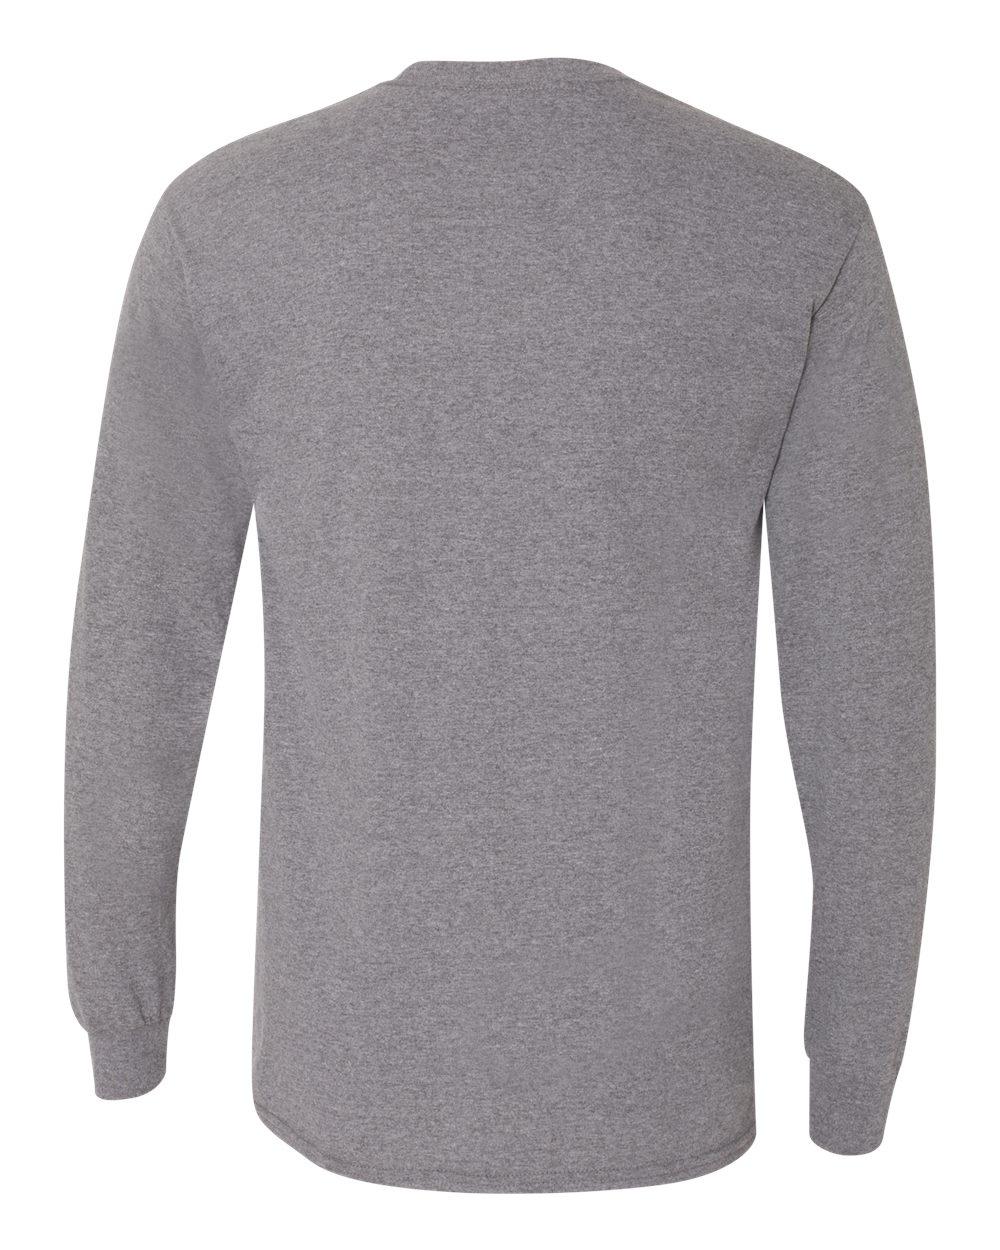 Gildan-Mens-Blank-DryBlend-50-50-Cotton-Long-Sleeve-T-Shirt-8400-up-to-3XL miniature 22